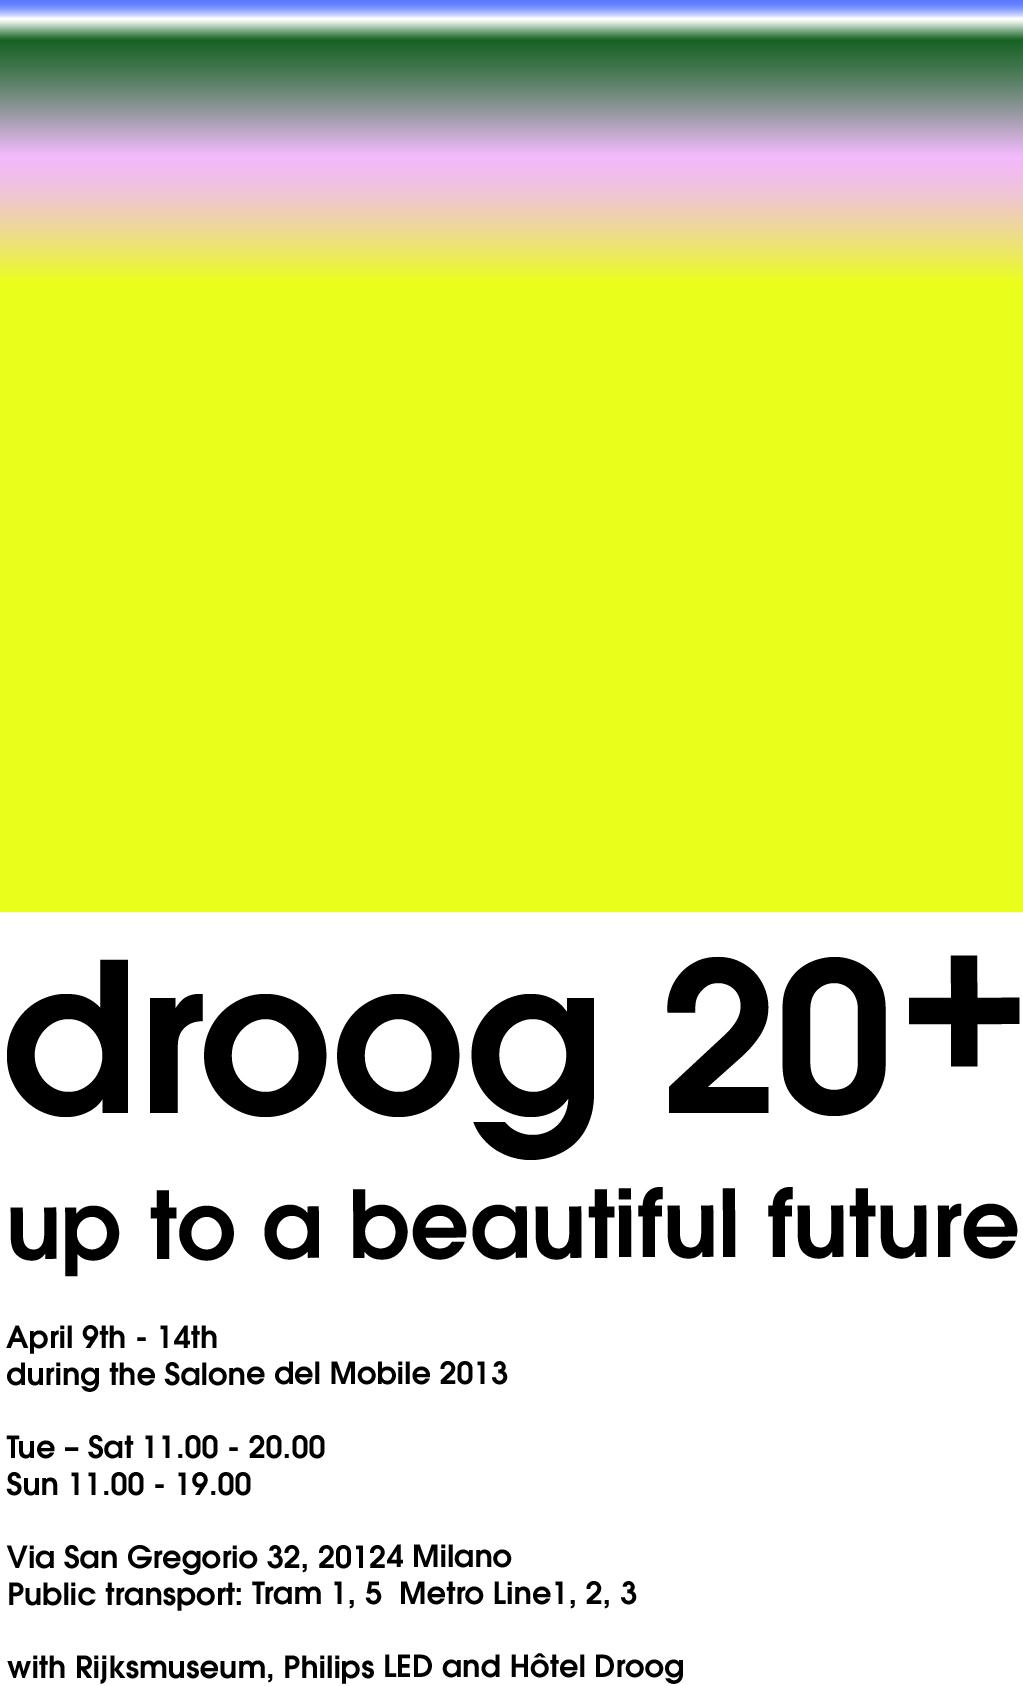 droog 20+ invitation